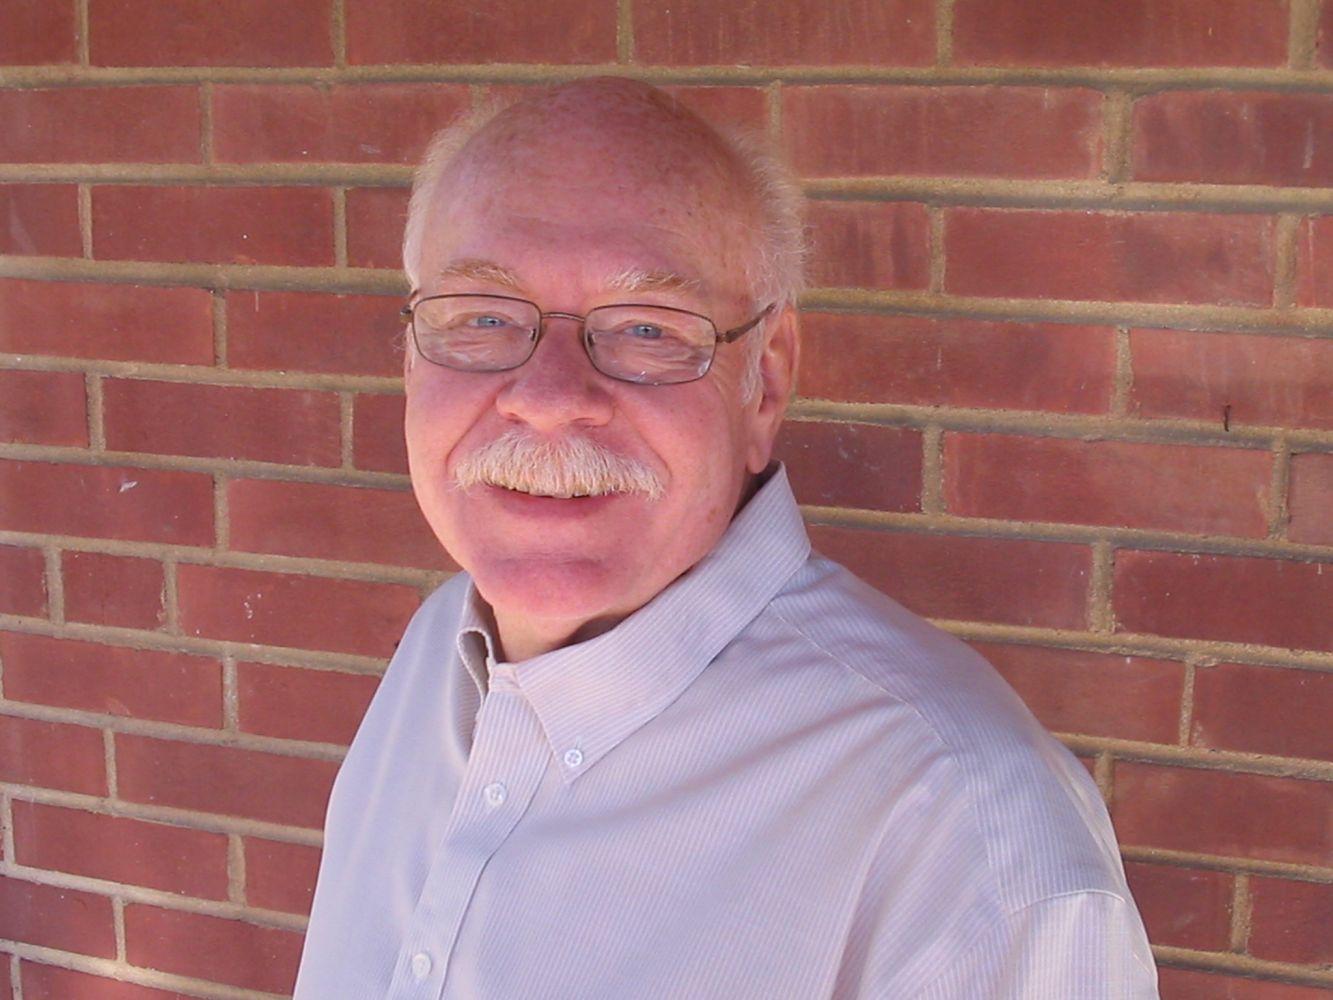 Steve Zimmer, President, CR